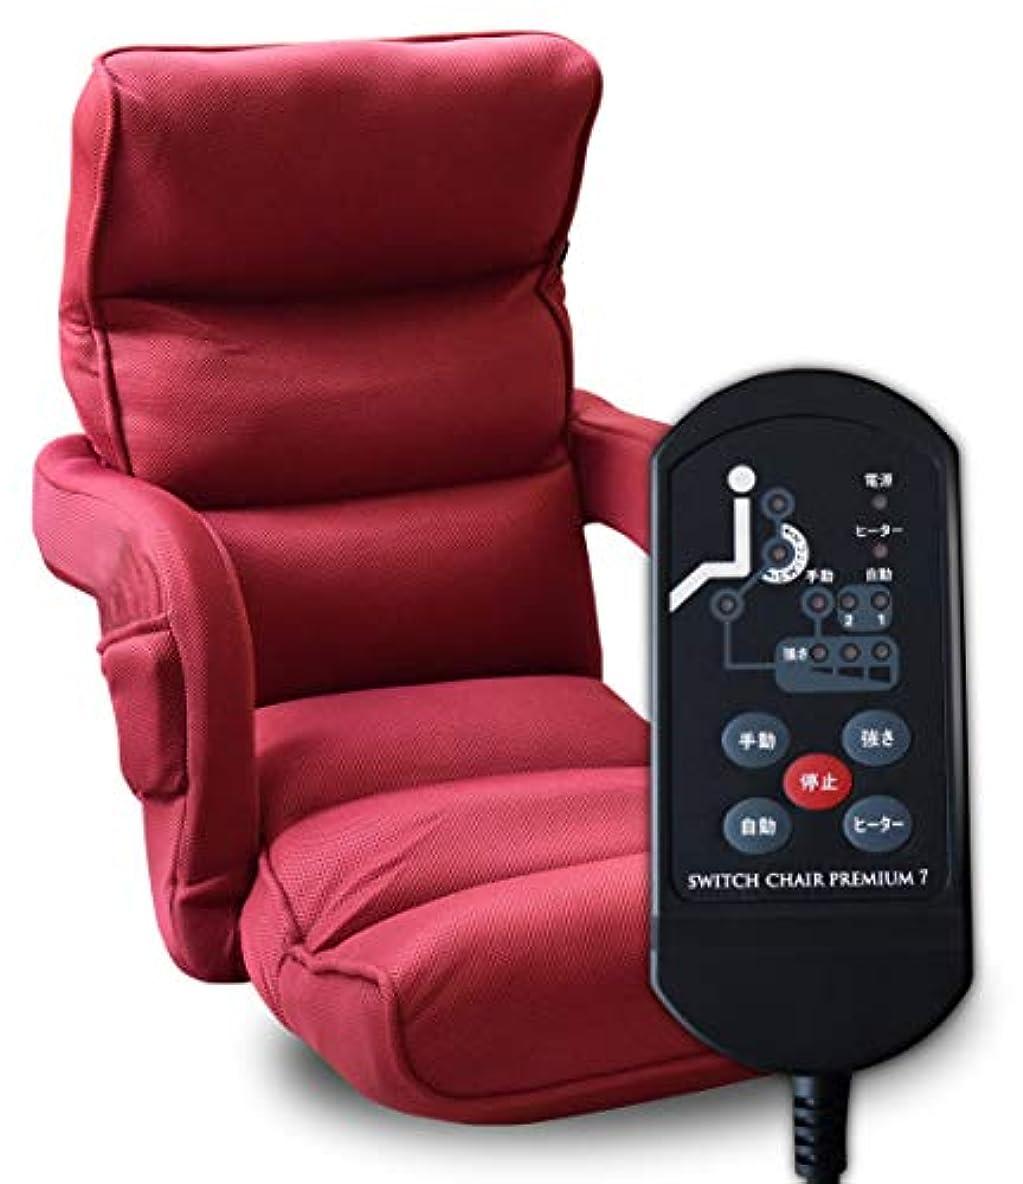 モットー書店レッスンSWITCH CHAIR PREMIUM 7 マッサージ器 マッサージ機 肘掛け付き座椅子 マッサージ ヒーター 首 肩 腰 肩こり 背中 マッサージチェア ビクトリアンローズ